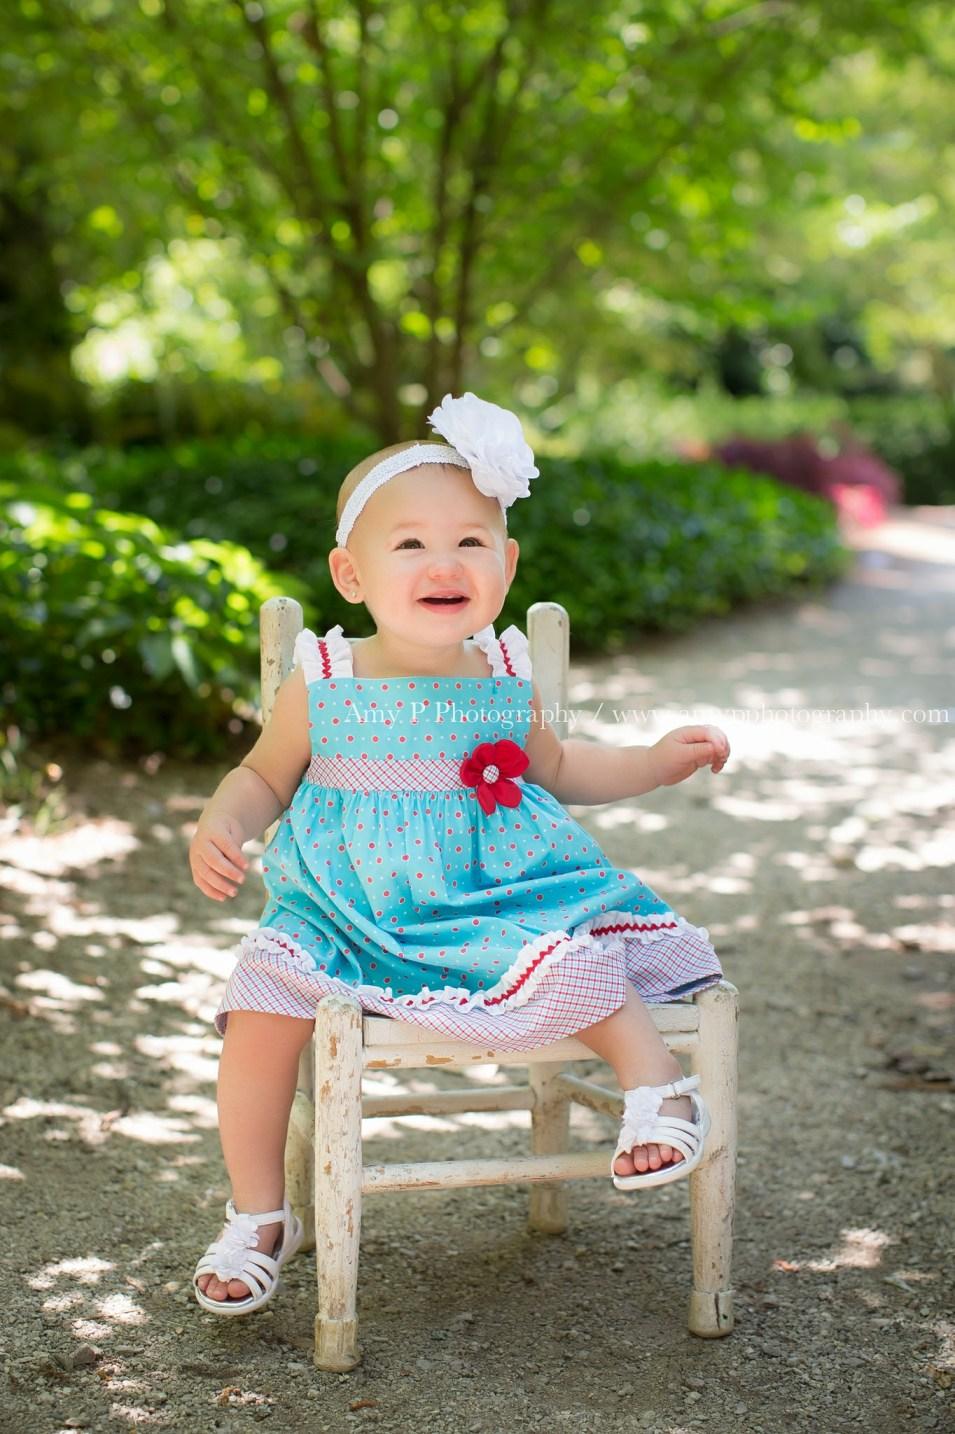 little girl-9 months-gardens-baby girl